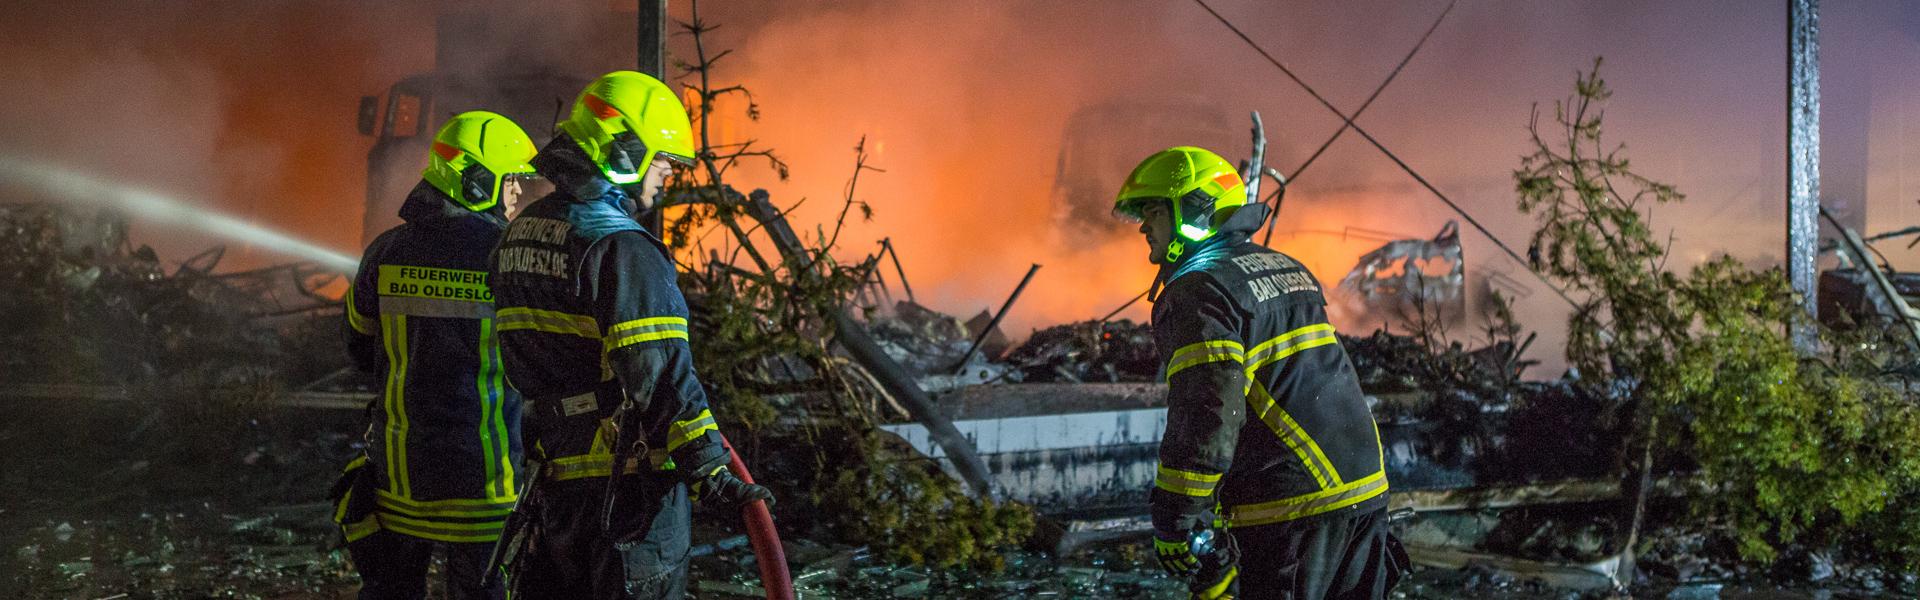 19.03.2017 – Großbrand zerstört Oldtimer-Lagerhalle in Reinfeld